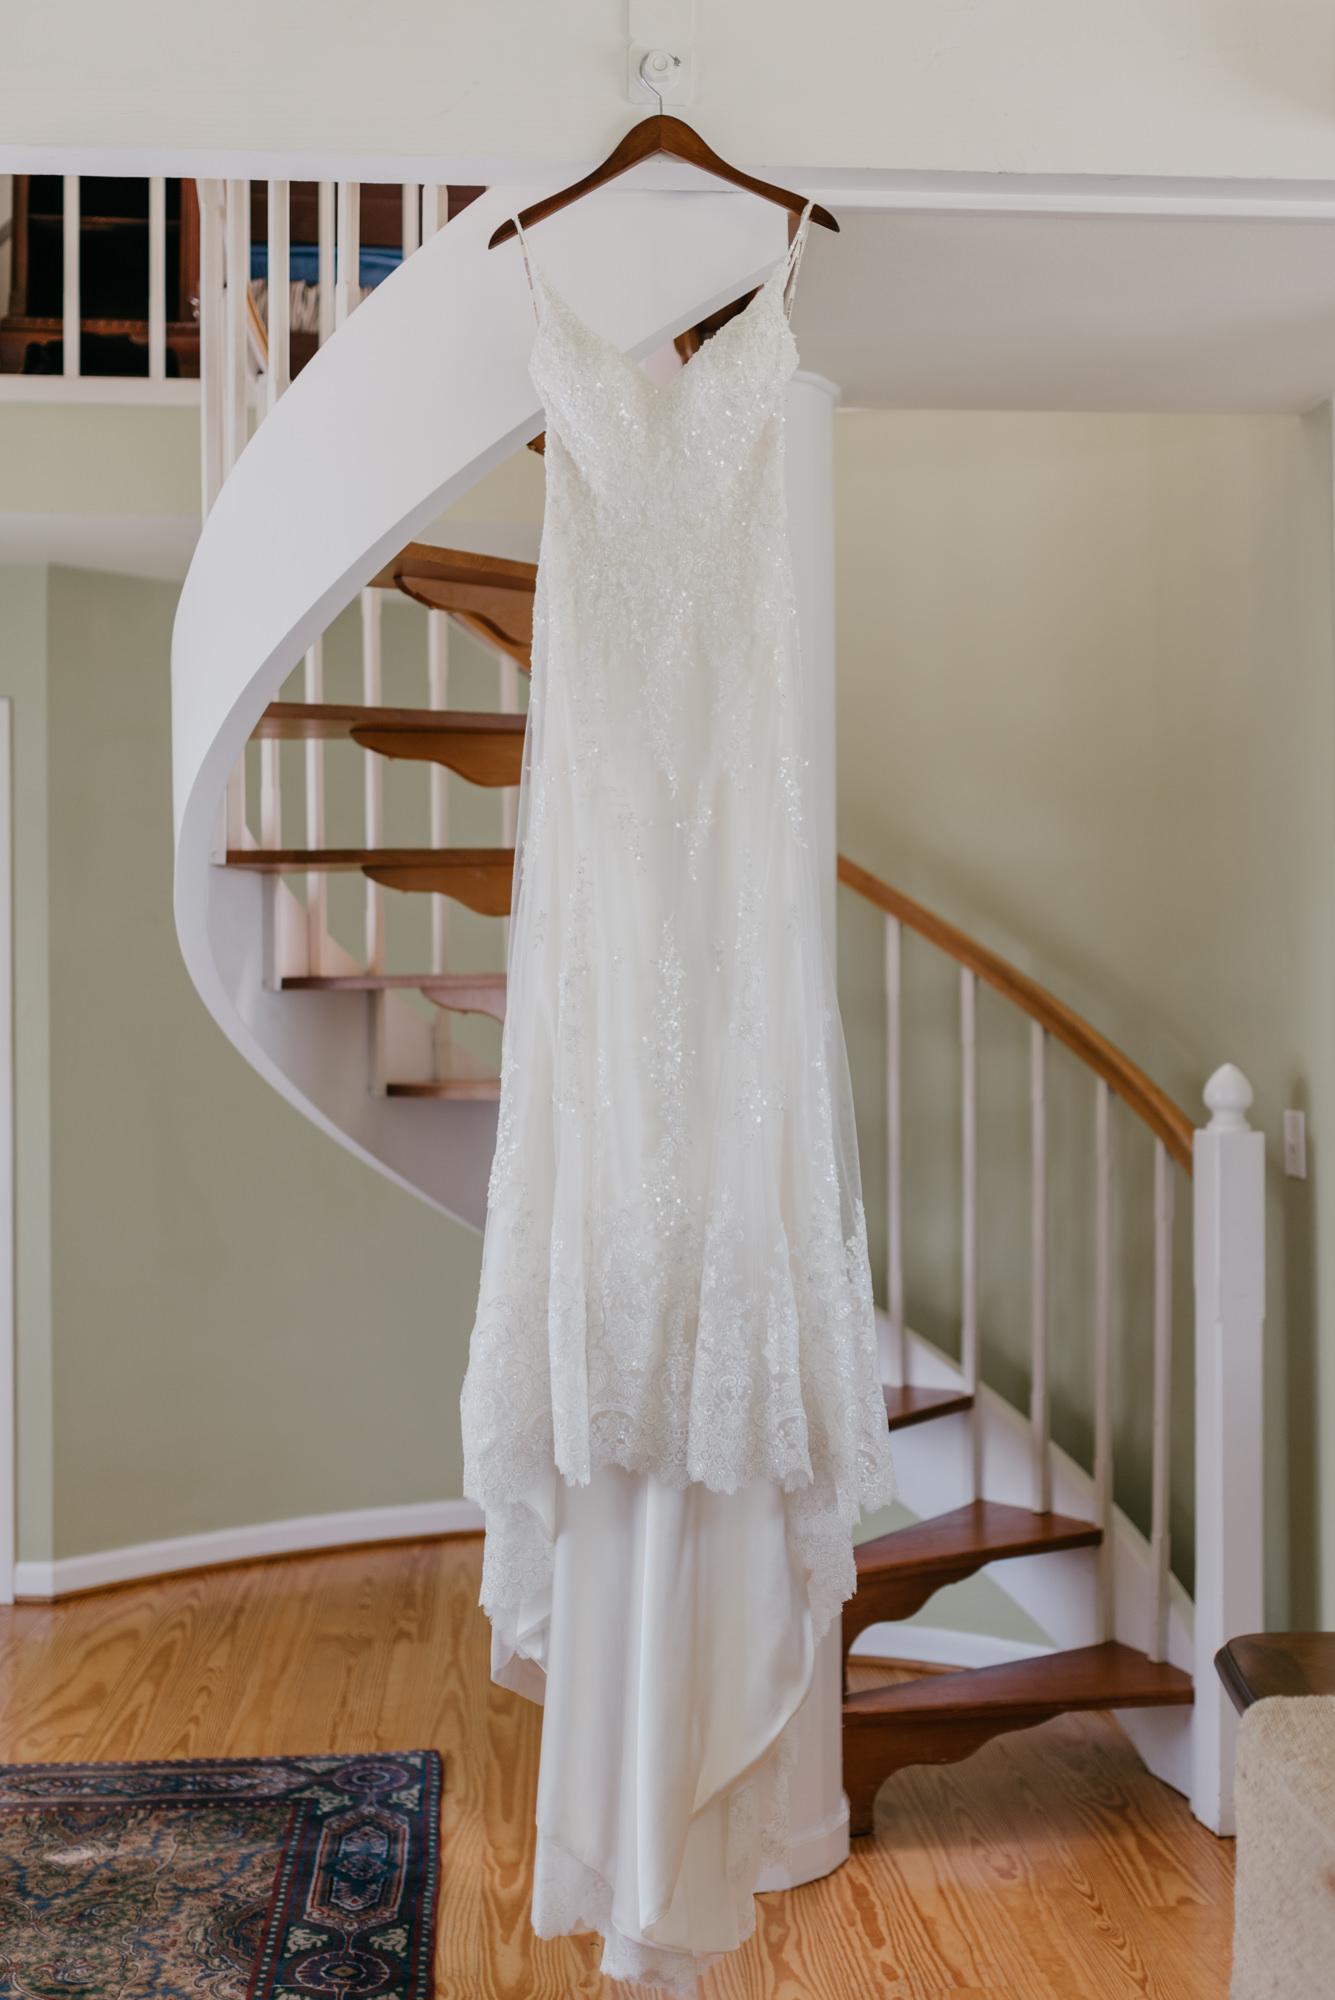 17-Getting-Ready-barn-kestrel-wedding-photos-grey-suit.jpg